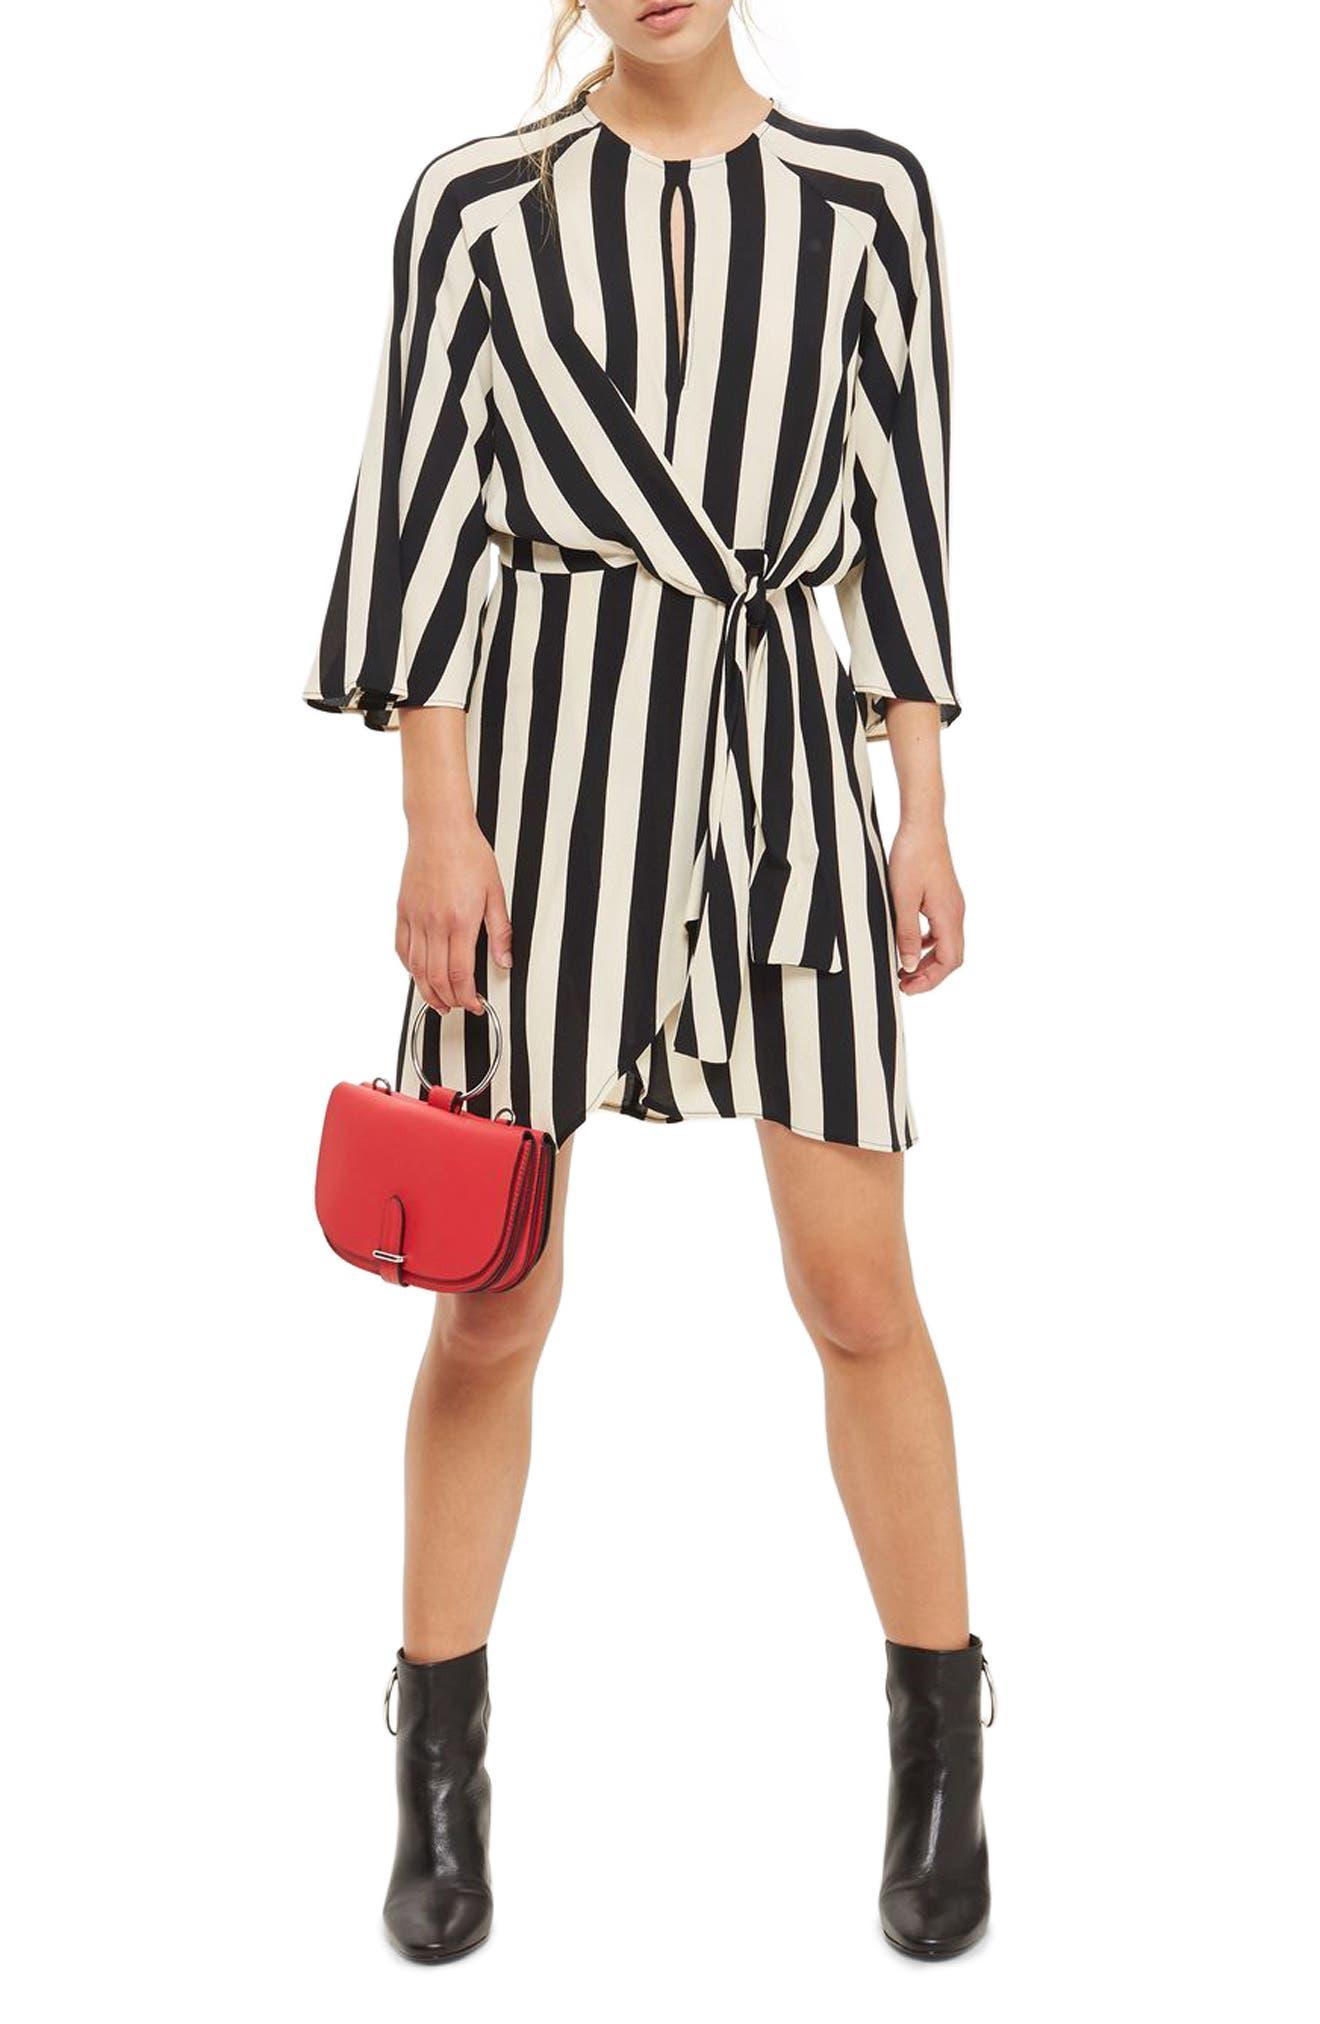 Humbug Stripe Knot Dress,                             Alternate thumbnail 3, color,                             001